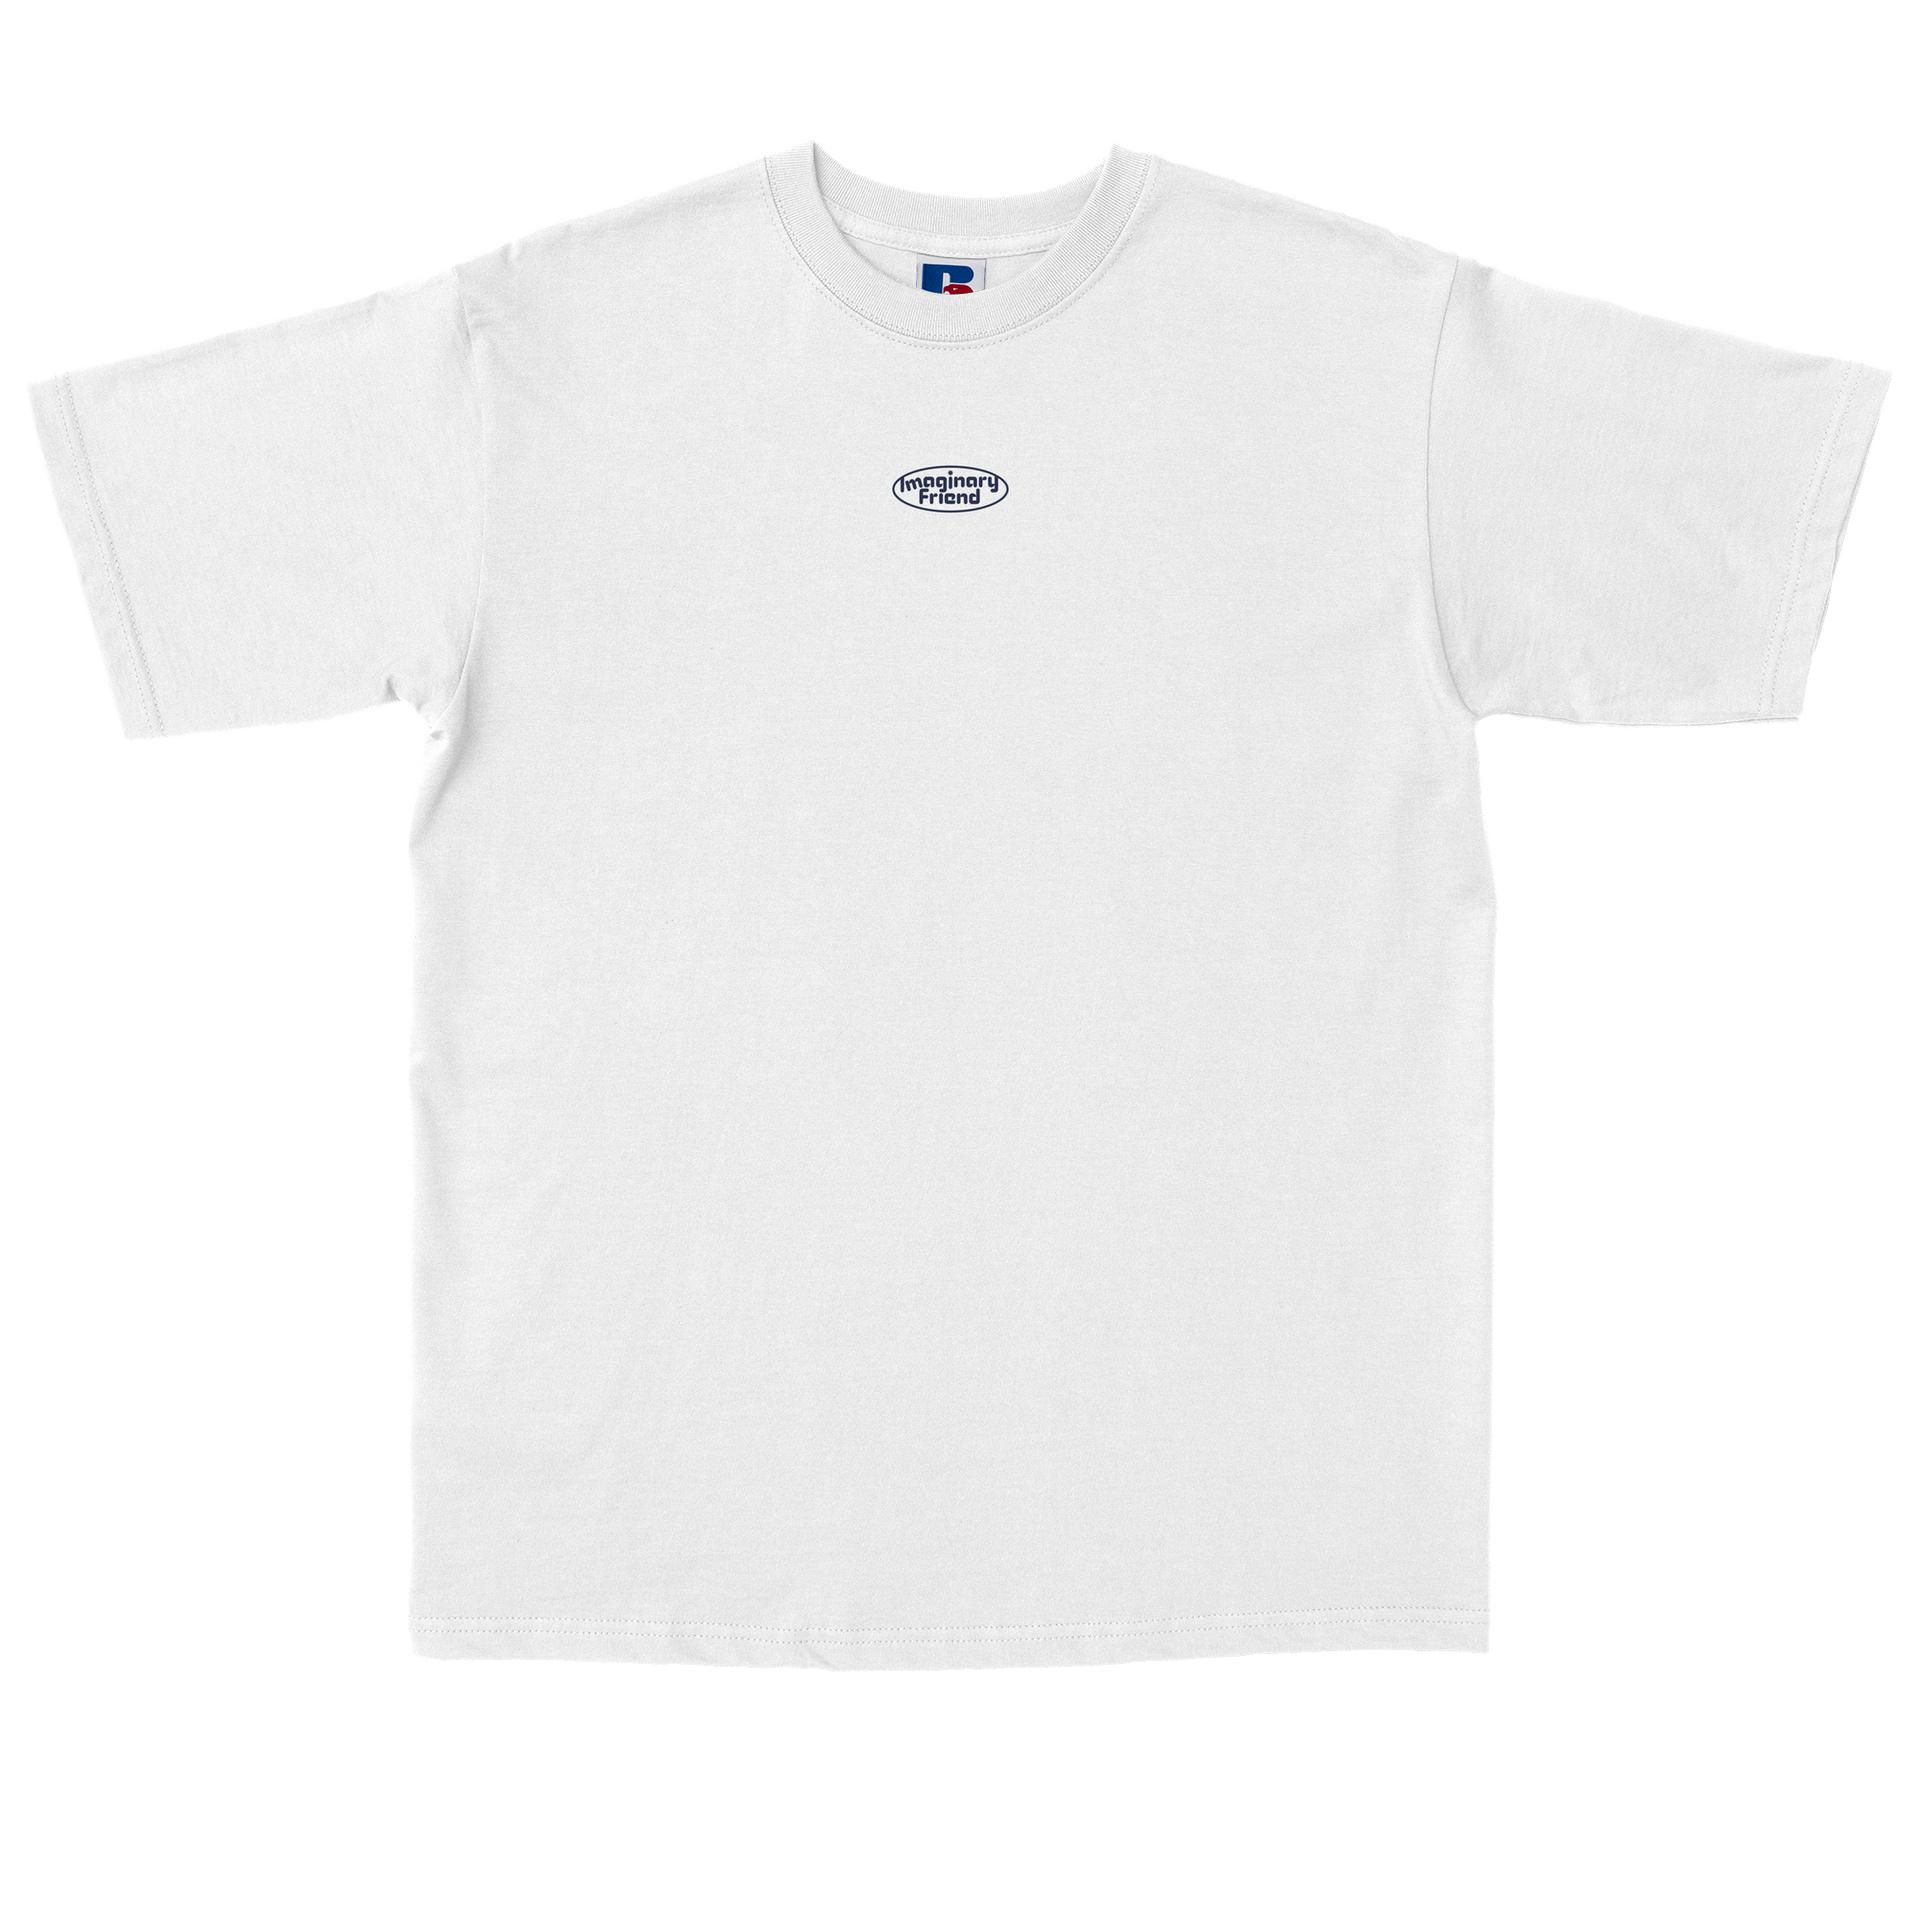 Short sleeve t shirt front